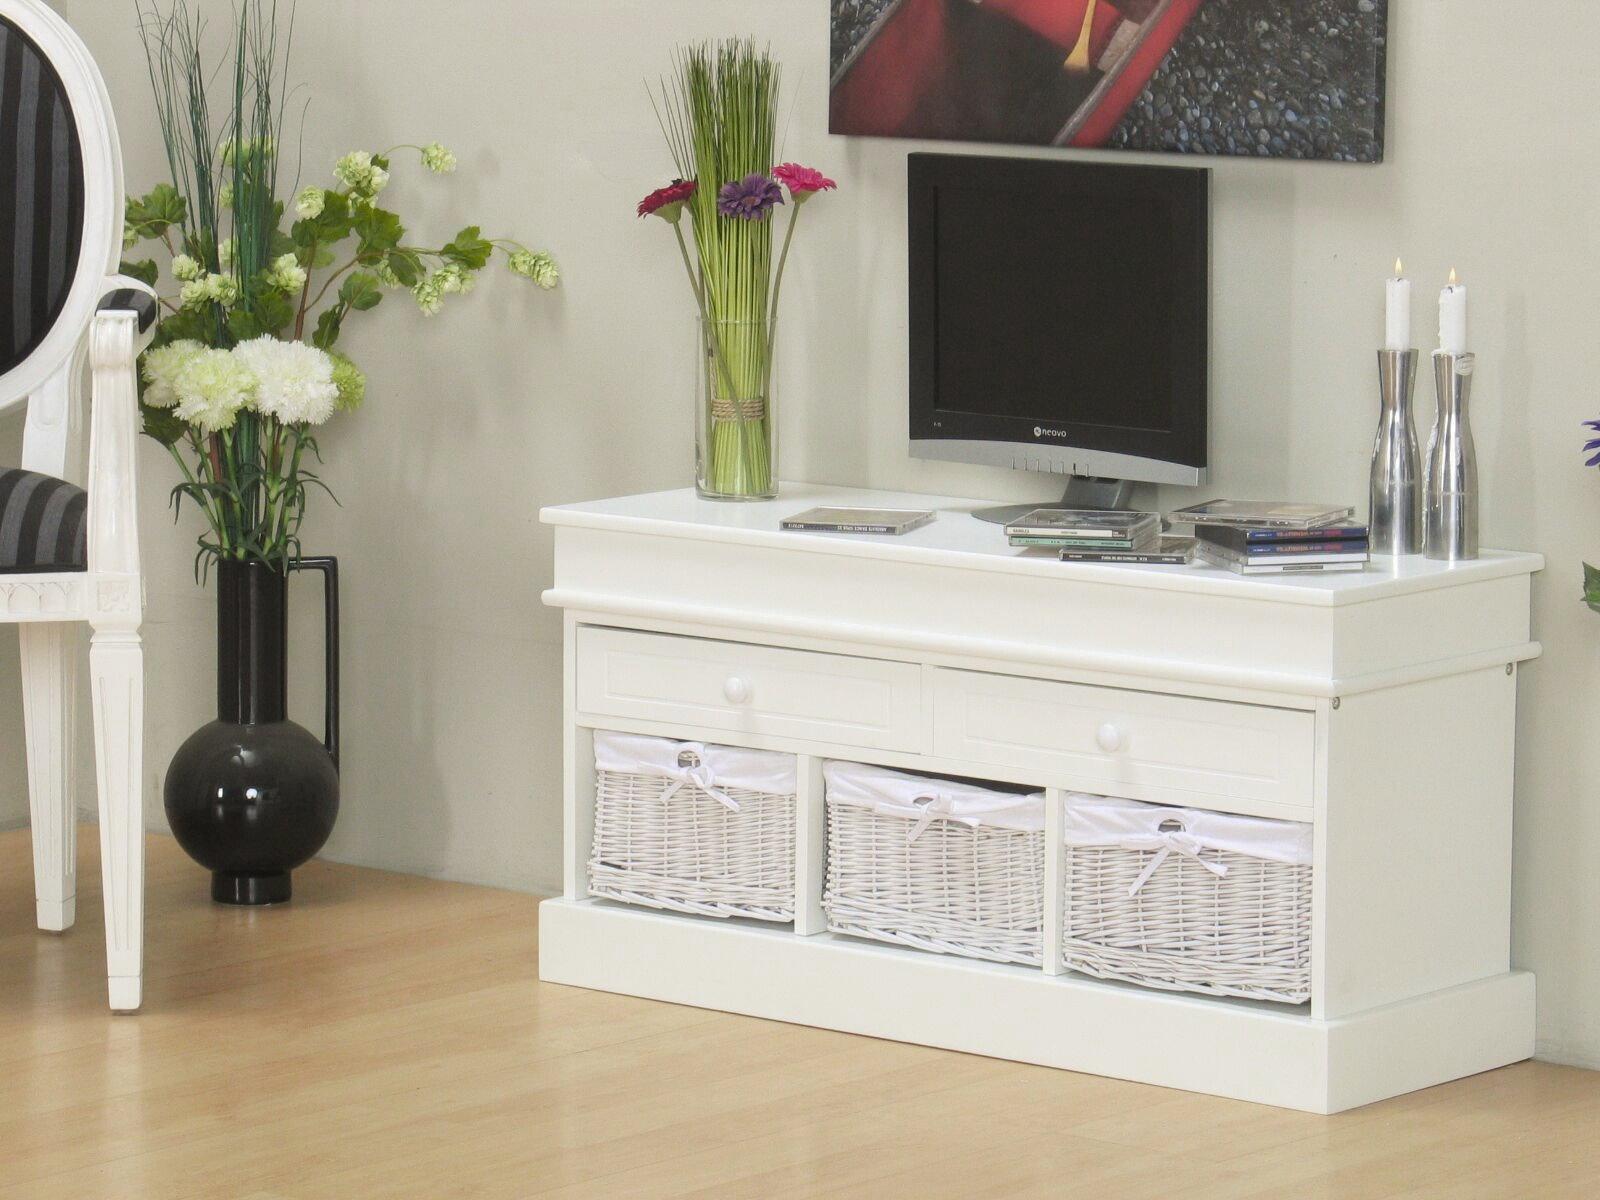 tv tisch mia fernsehtisch fernsehschrank hifi m bel. Black Bedroom Furniture Sets. Home Design Ideas